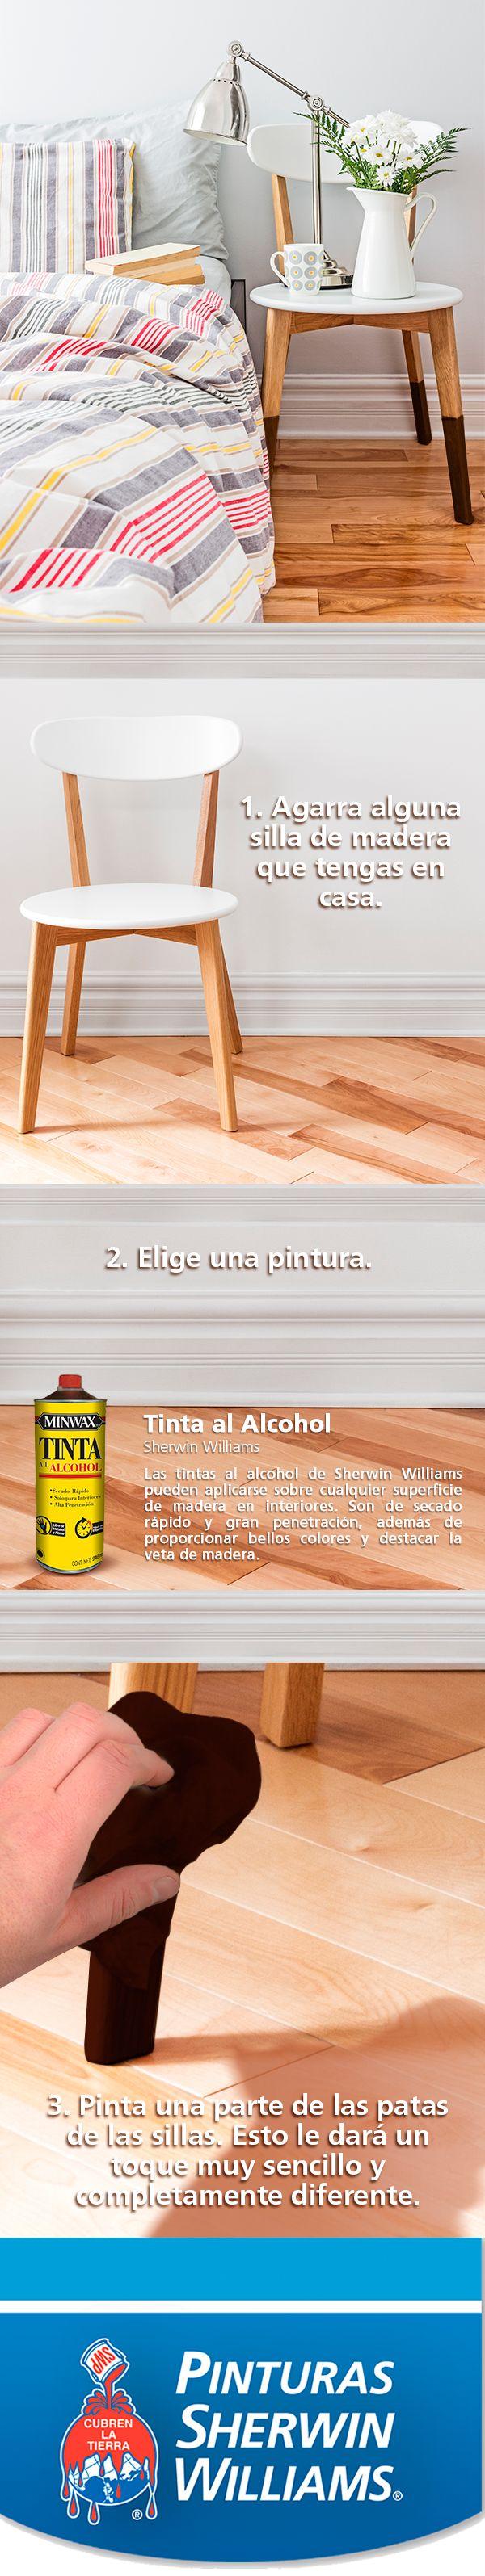 ¡Sé práctico(a)! Dales un toque diferente a tus sillas con este sencillo tip. #EstoPintaBien